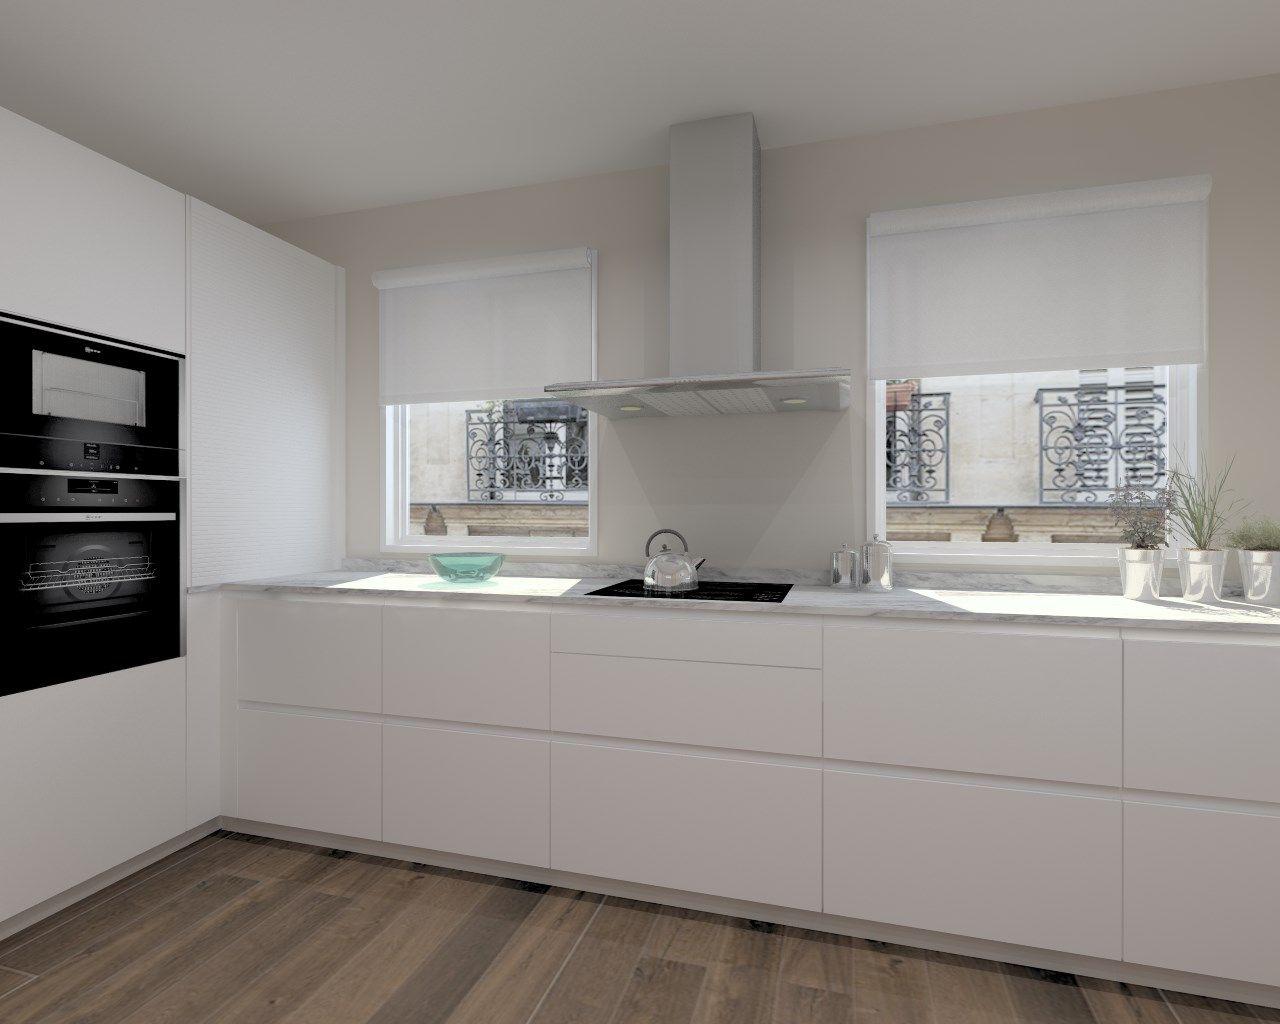 Cocinas santos modelo line laca seda blanco encimera Cocina blanca encimera granito negra